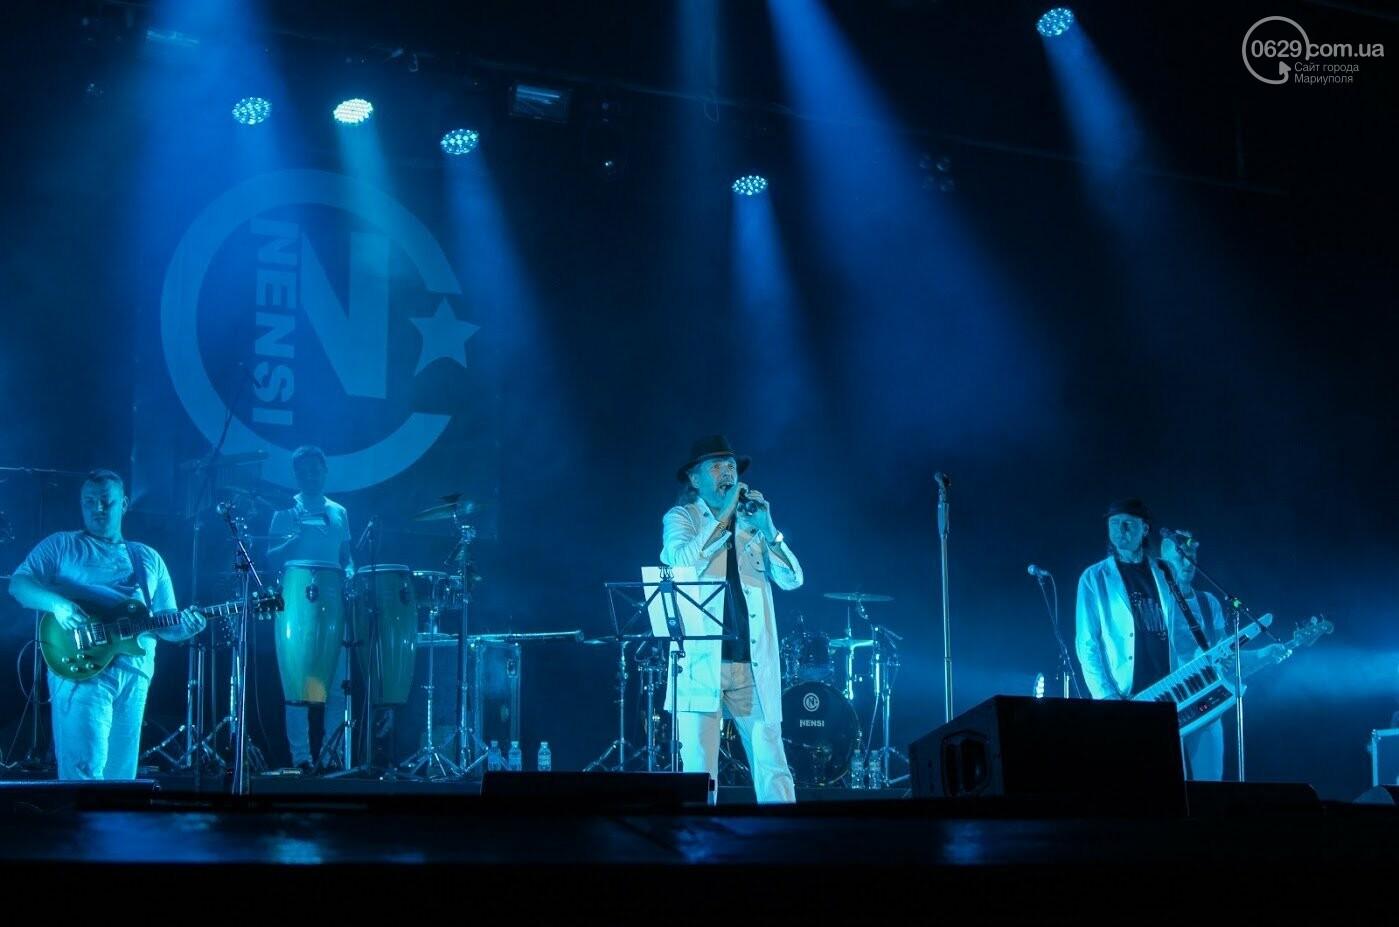 """В Мариуполе  выступила известная группа """"Нэнси"""", - ФОТО, ВИДЕО, фото-1"""